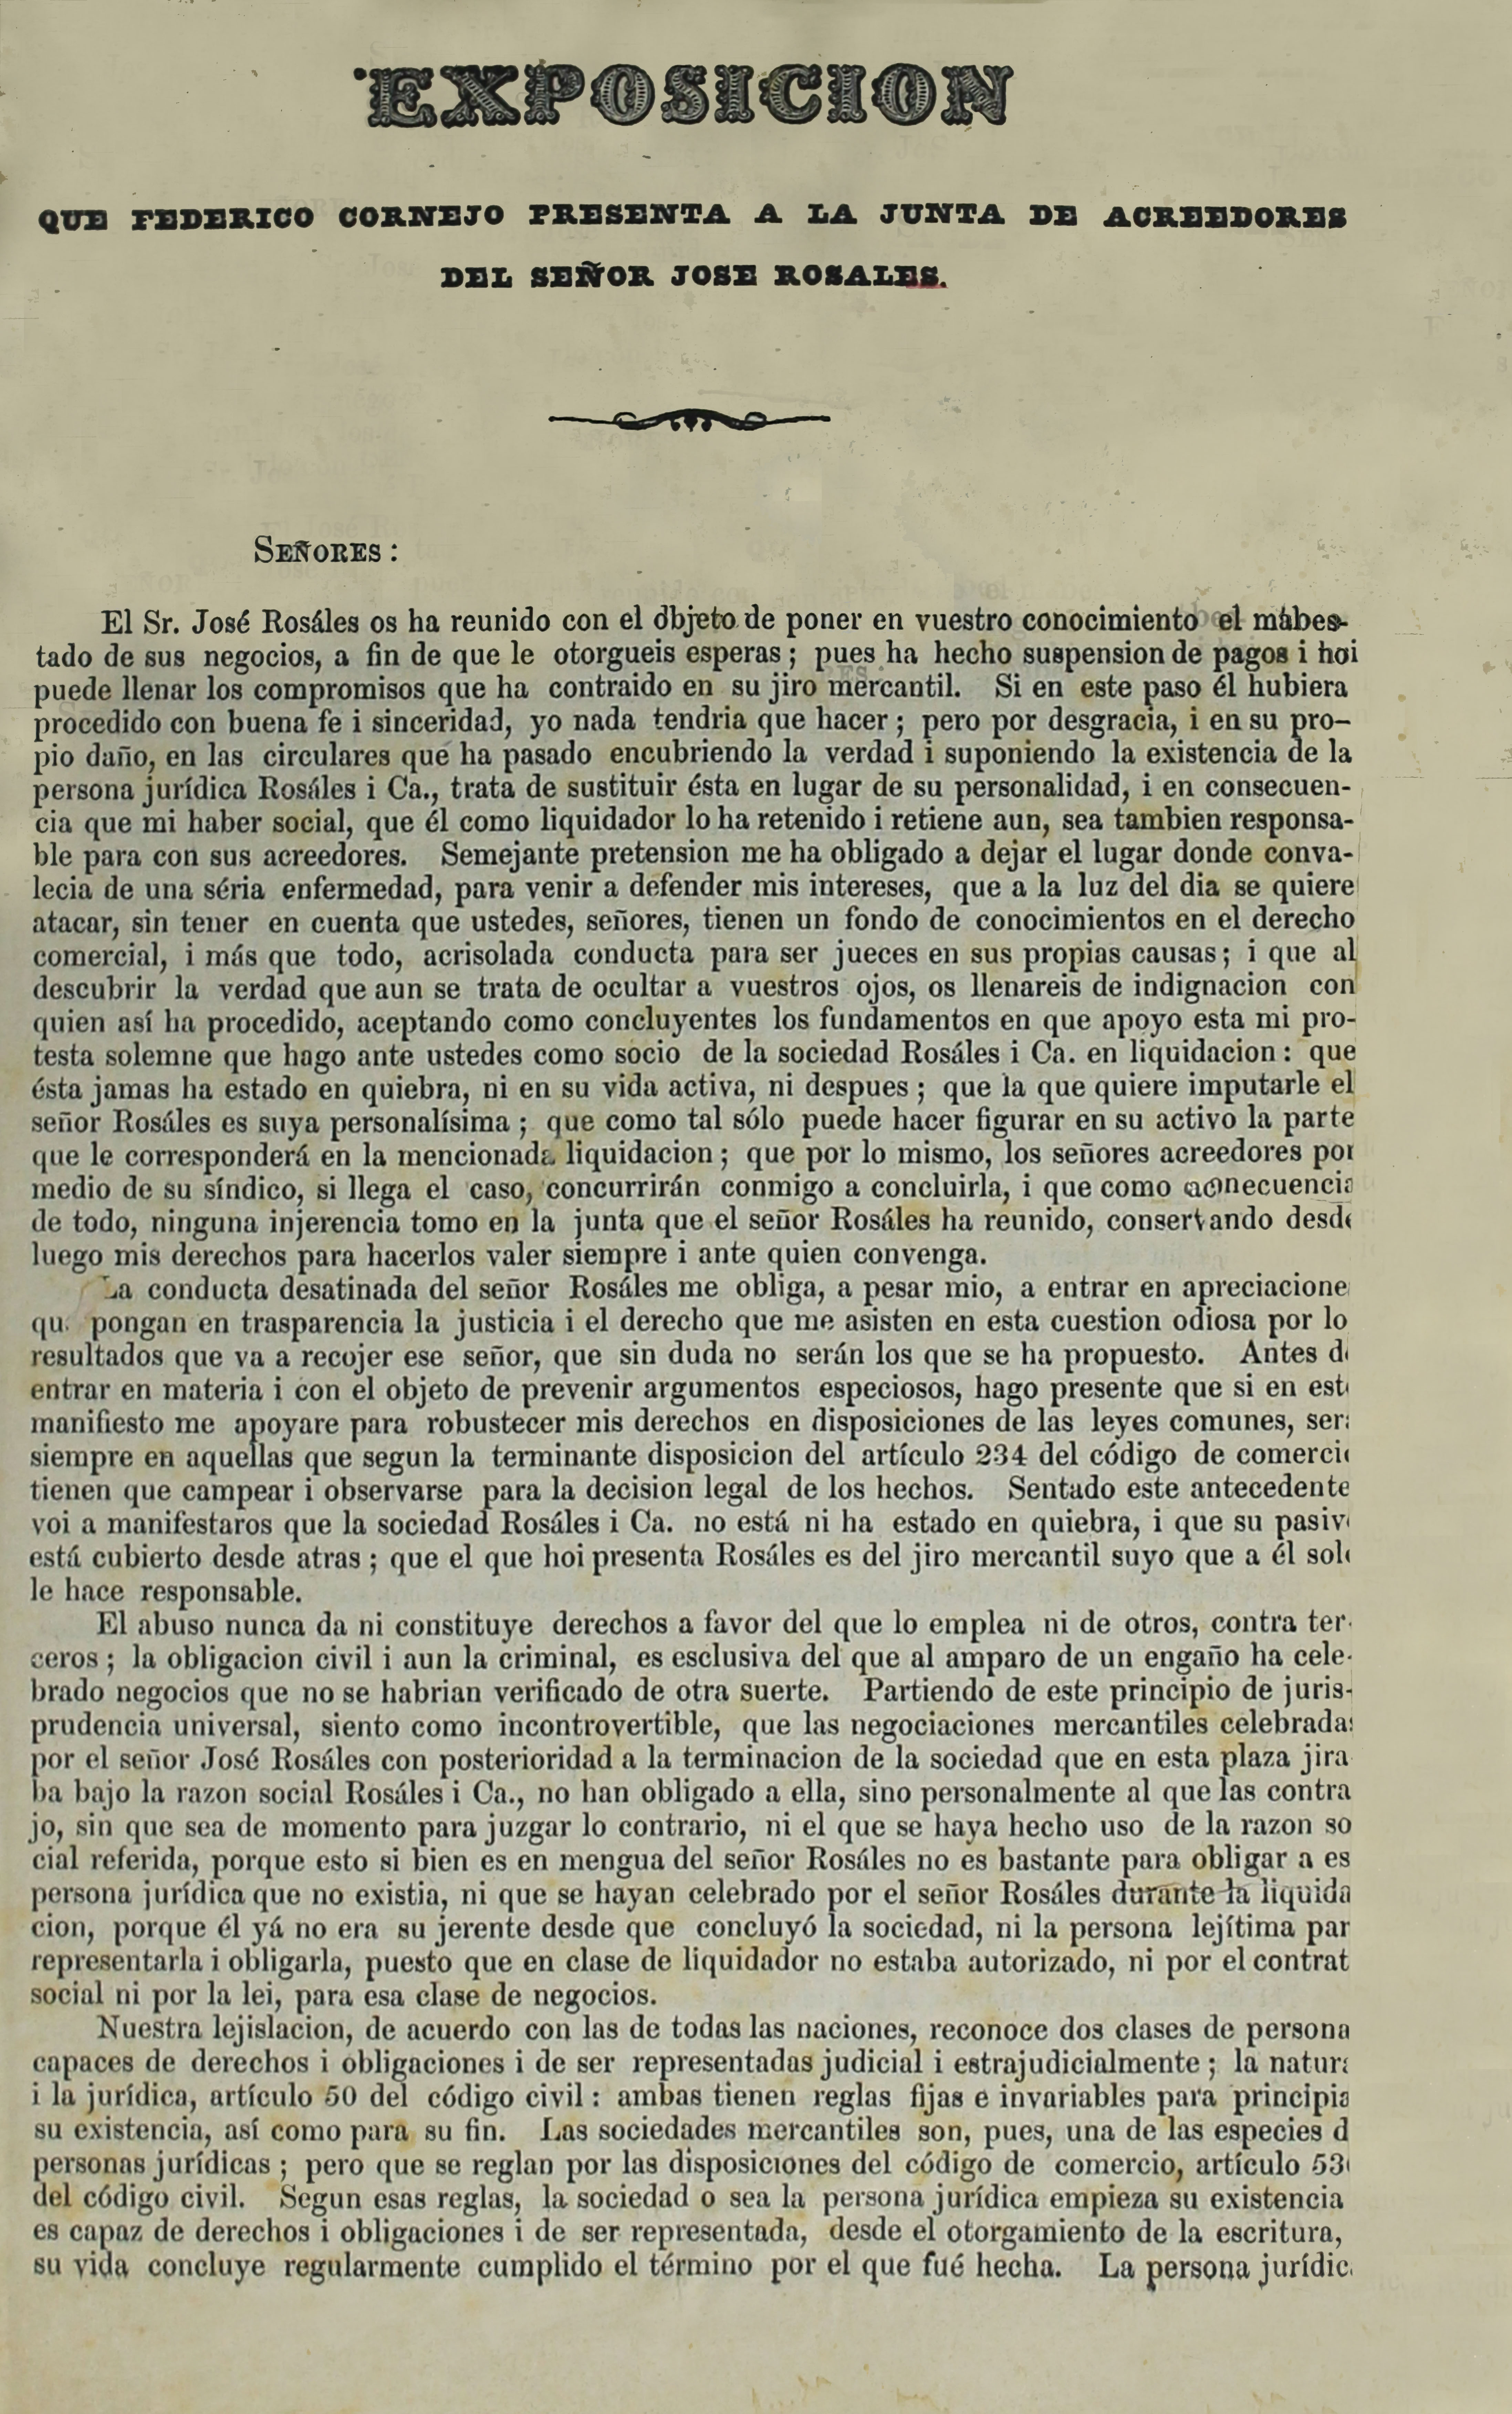 Exposición que Federico Cornejo presenta a la Junta de acreedores del señor José Rosales (Folleto).